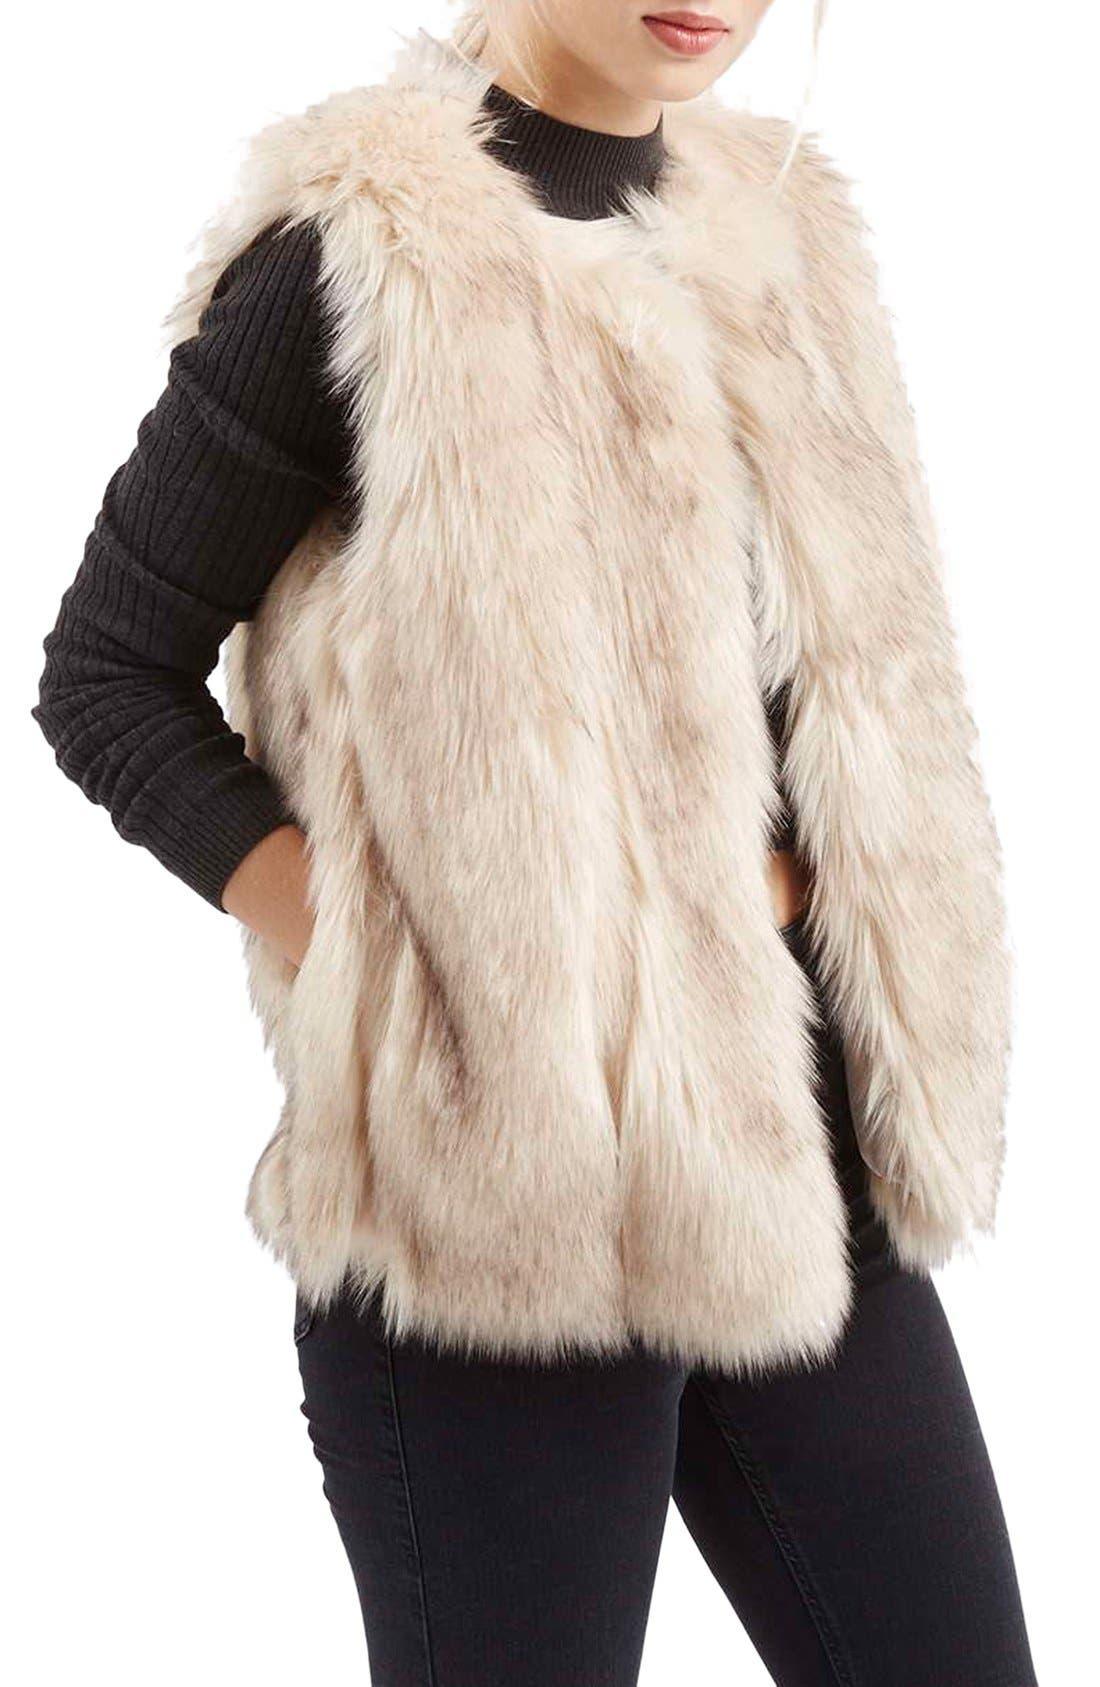 'Leah' Faux Fur Vest,                             Main thumbnail 1, color,                             900